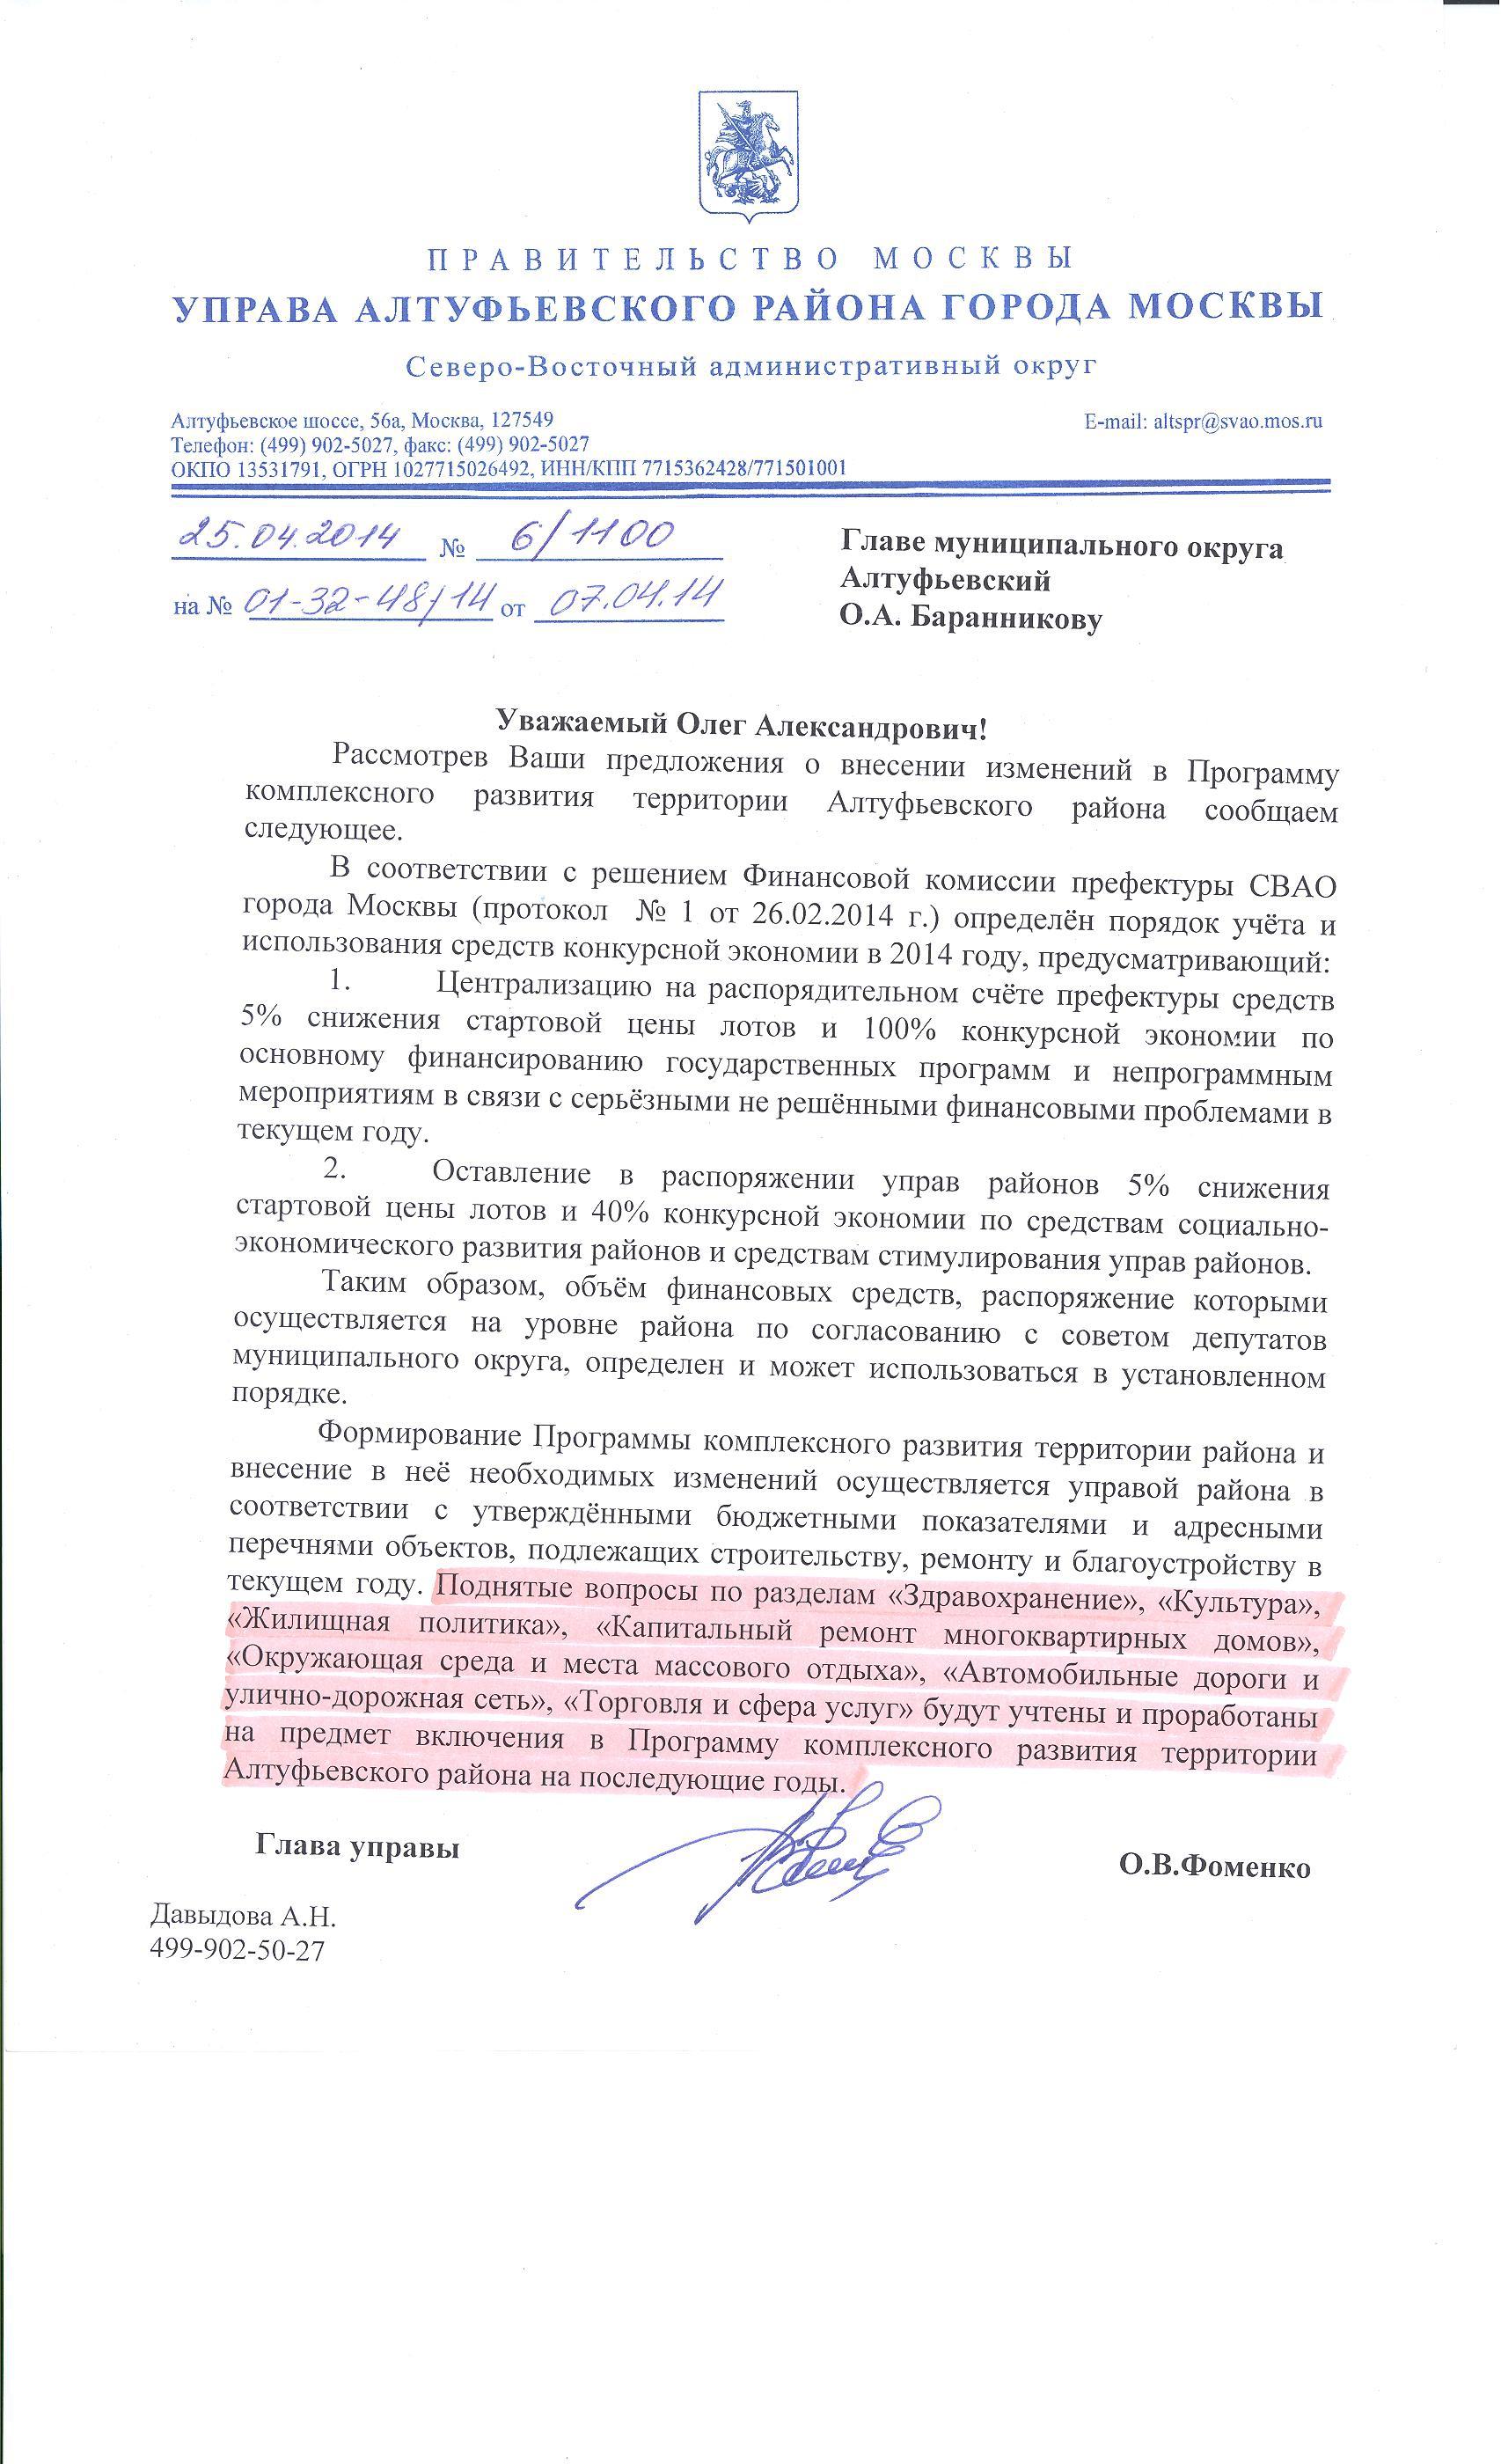 Клиентский офис «Алтуфьевский» Мосэнергосбыт (физ